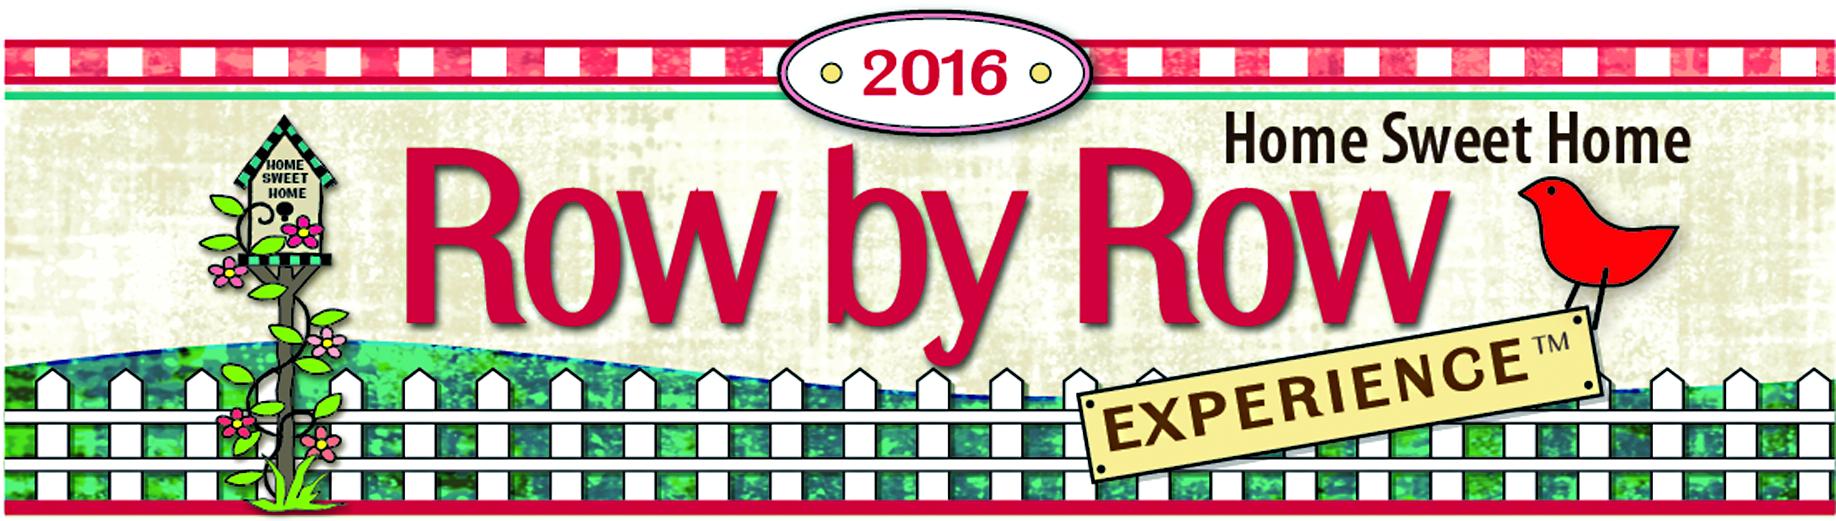 rowbyrow Aug 9-16